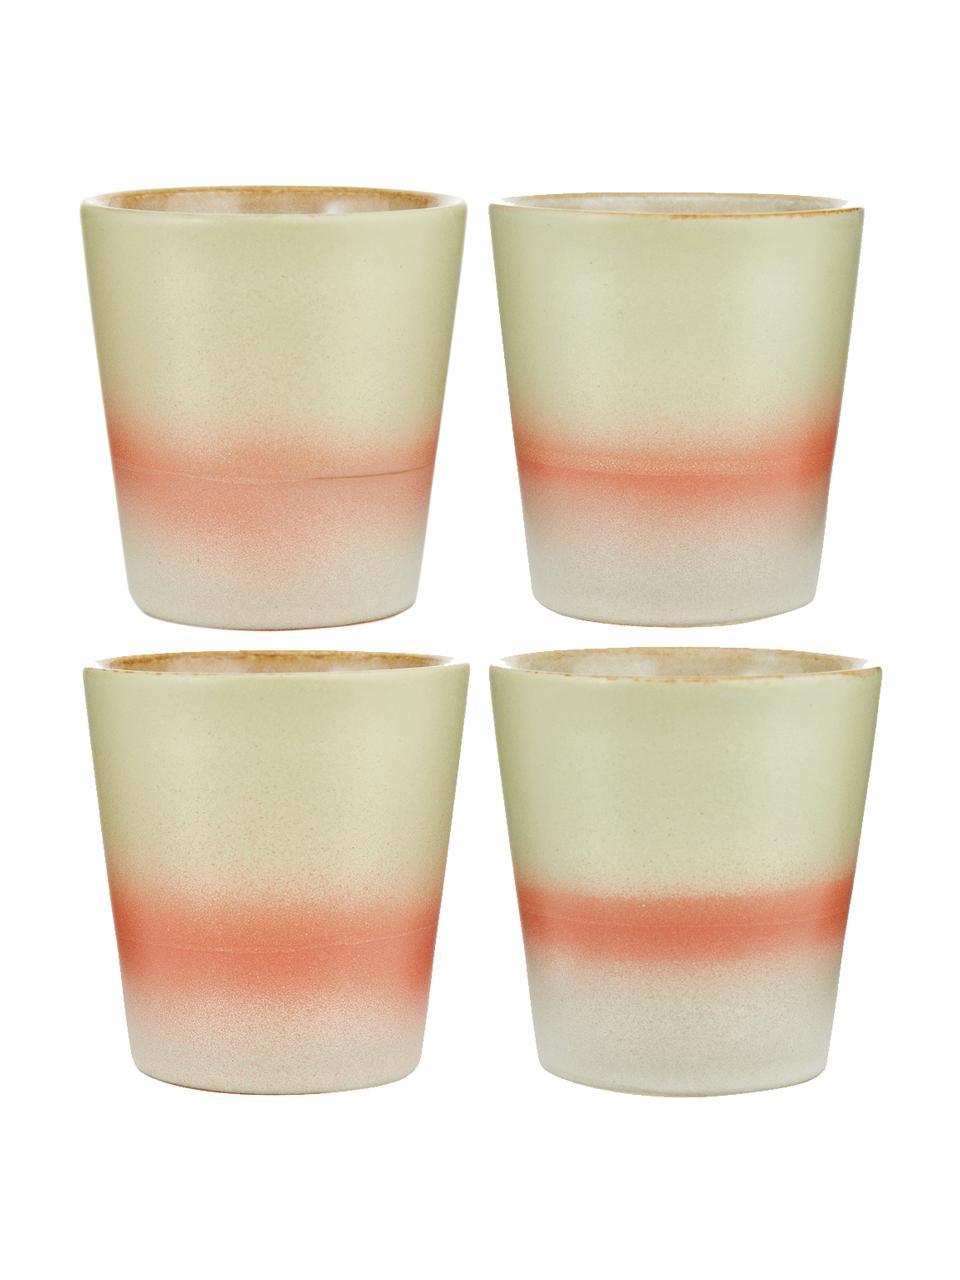 Handgemaakte XS bekers 70's in retro stijl, 4 stuks, Keramiek, Geel, crèmekleurig, roze, Ø 8 x H 8 cm